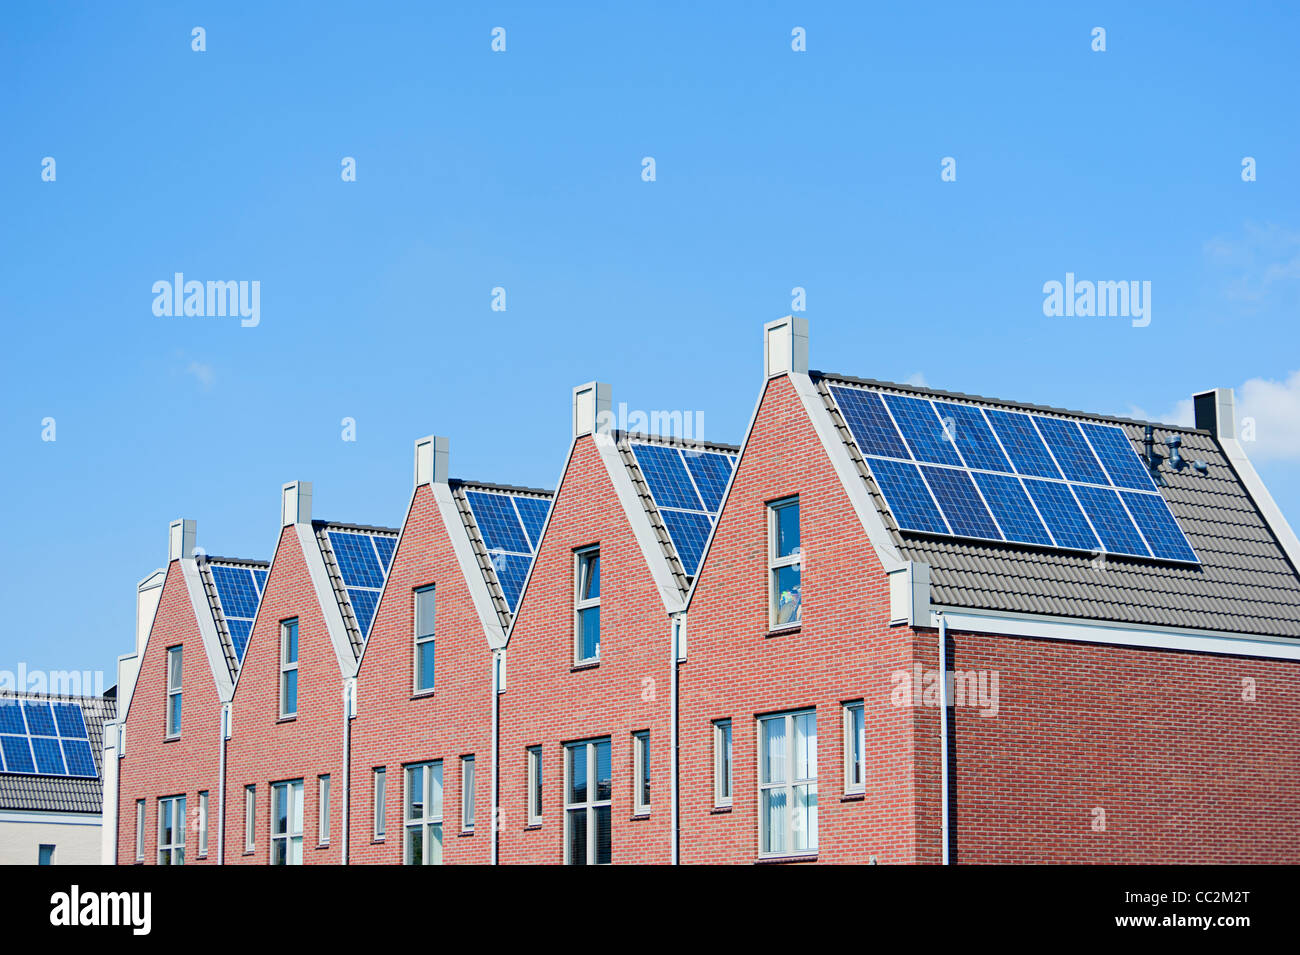 El holandés moderno casas con paneles solares en el techo Imagen De Stock